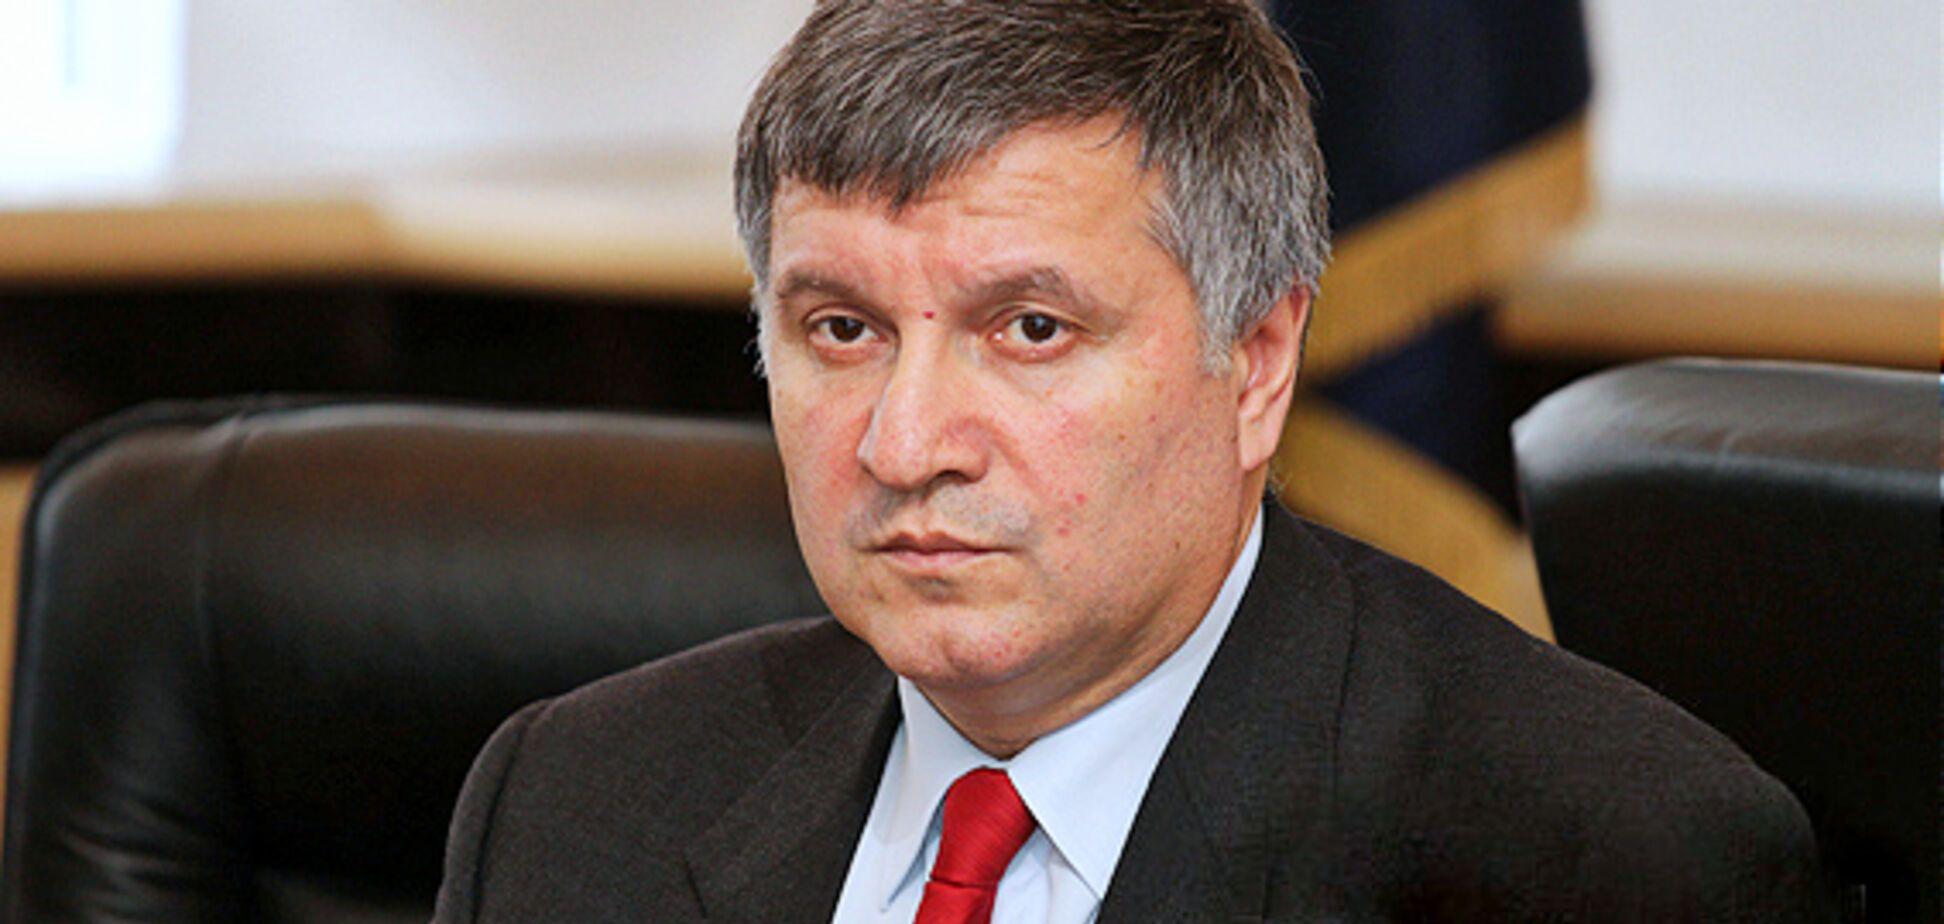 Відмовився говорити українською:Аваков збентежив альтернативою державній мові